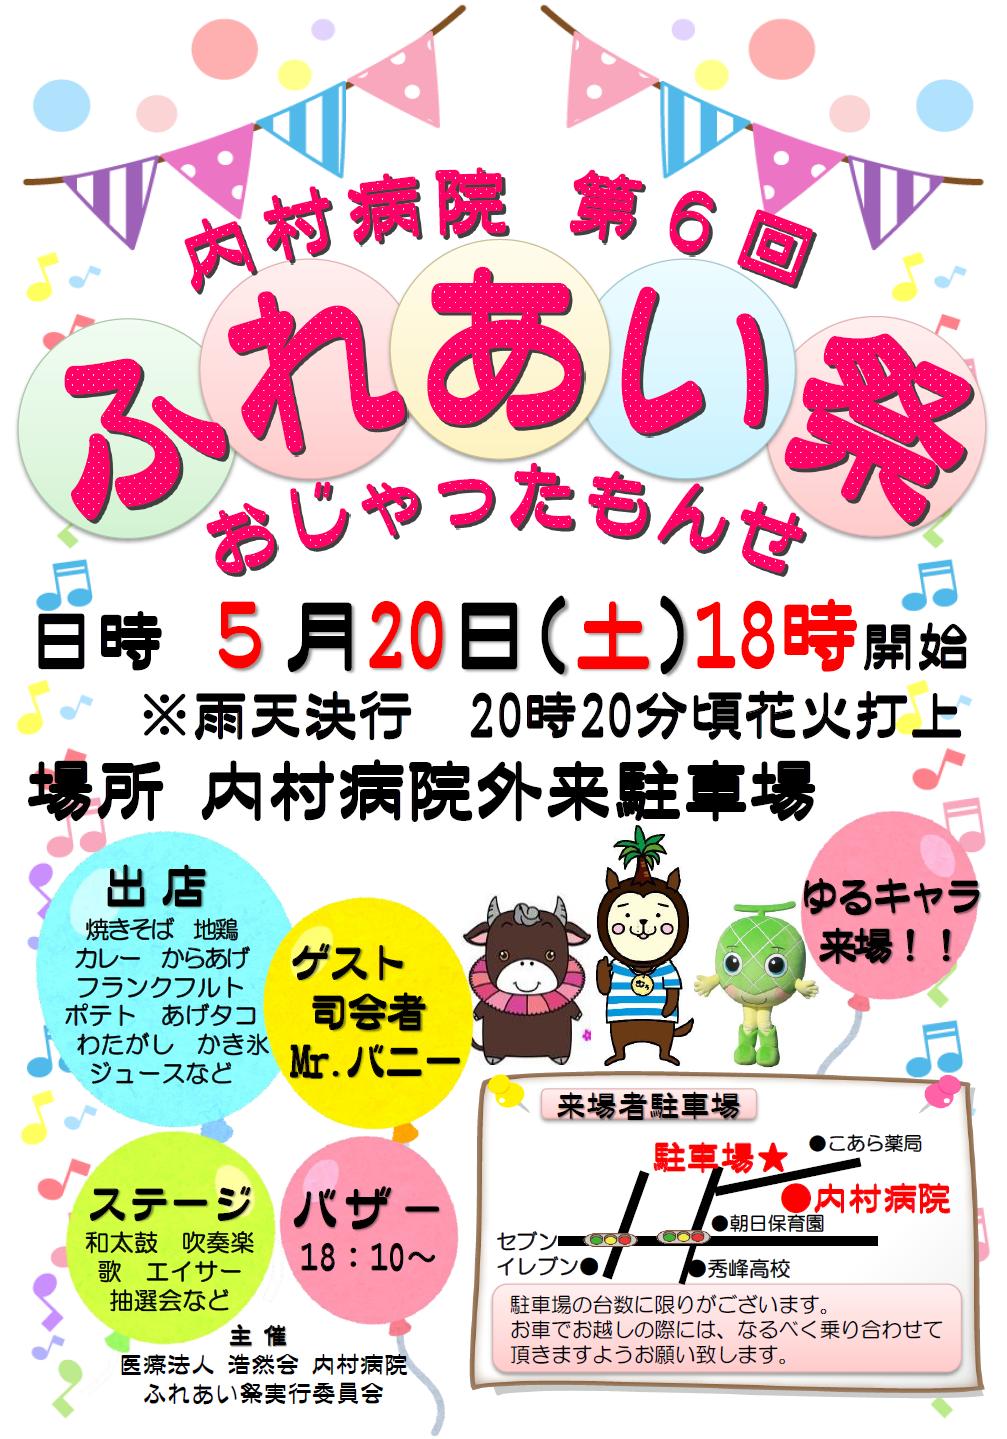 ふれあい祭ブログポスター